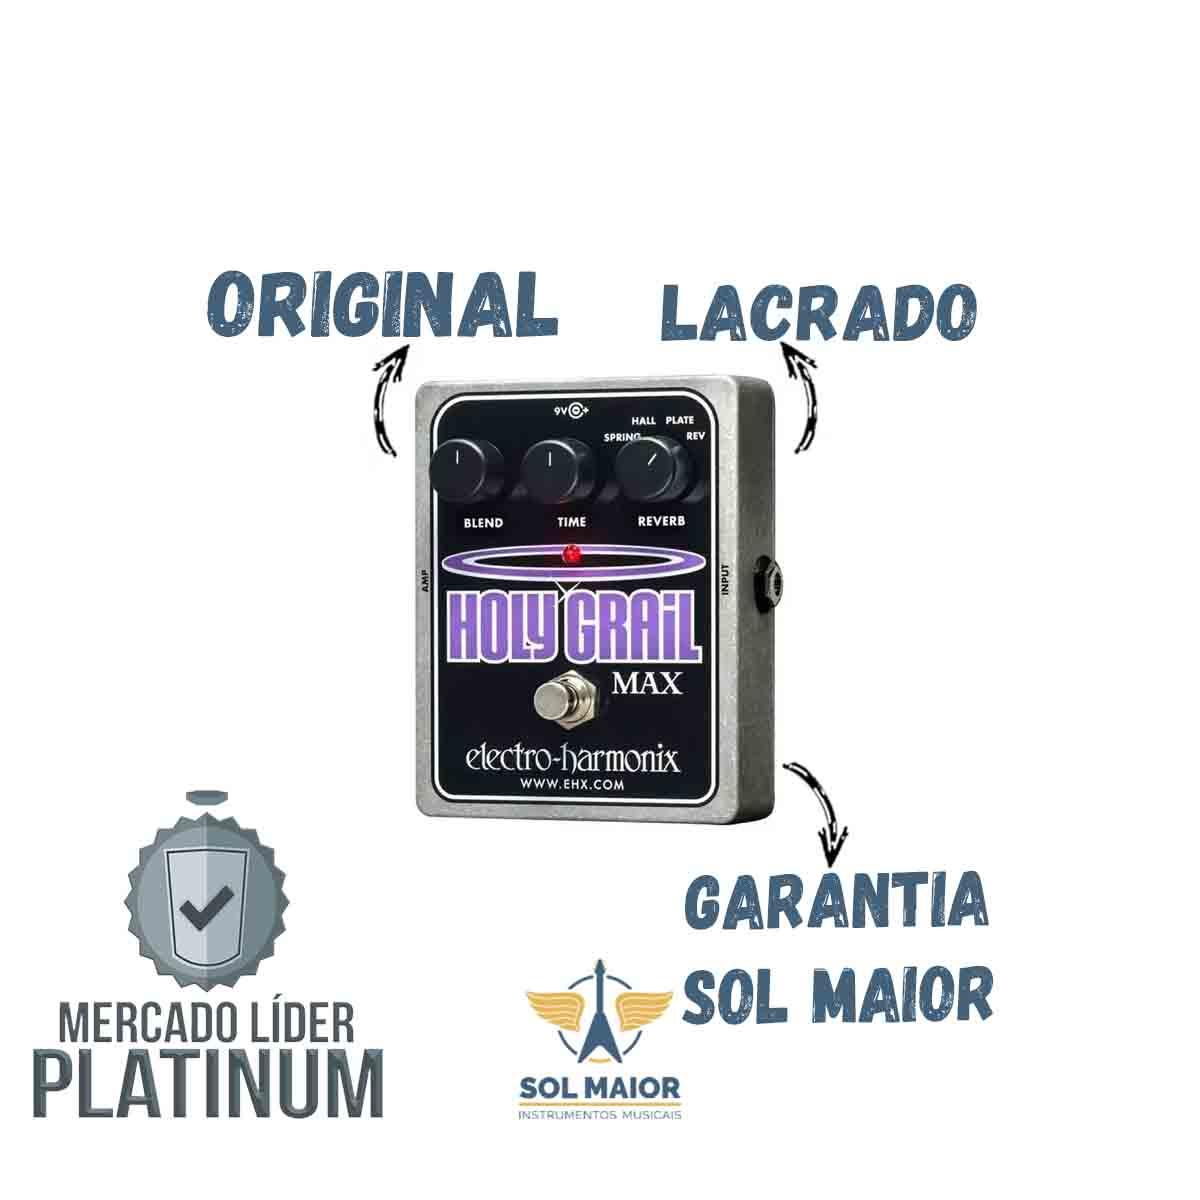 Pedal Electro-harmonix Holy Grail Max Reverb - Holygrailmax